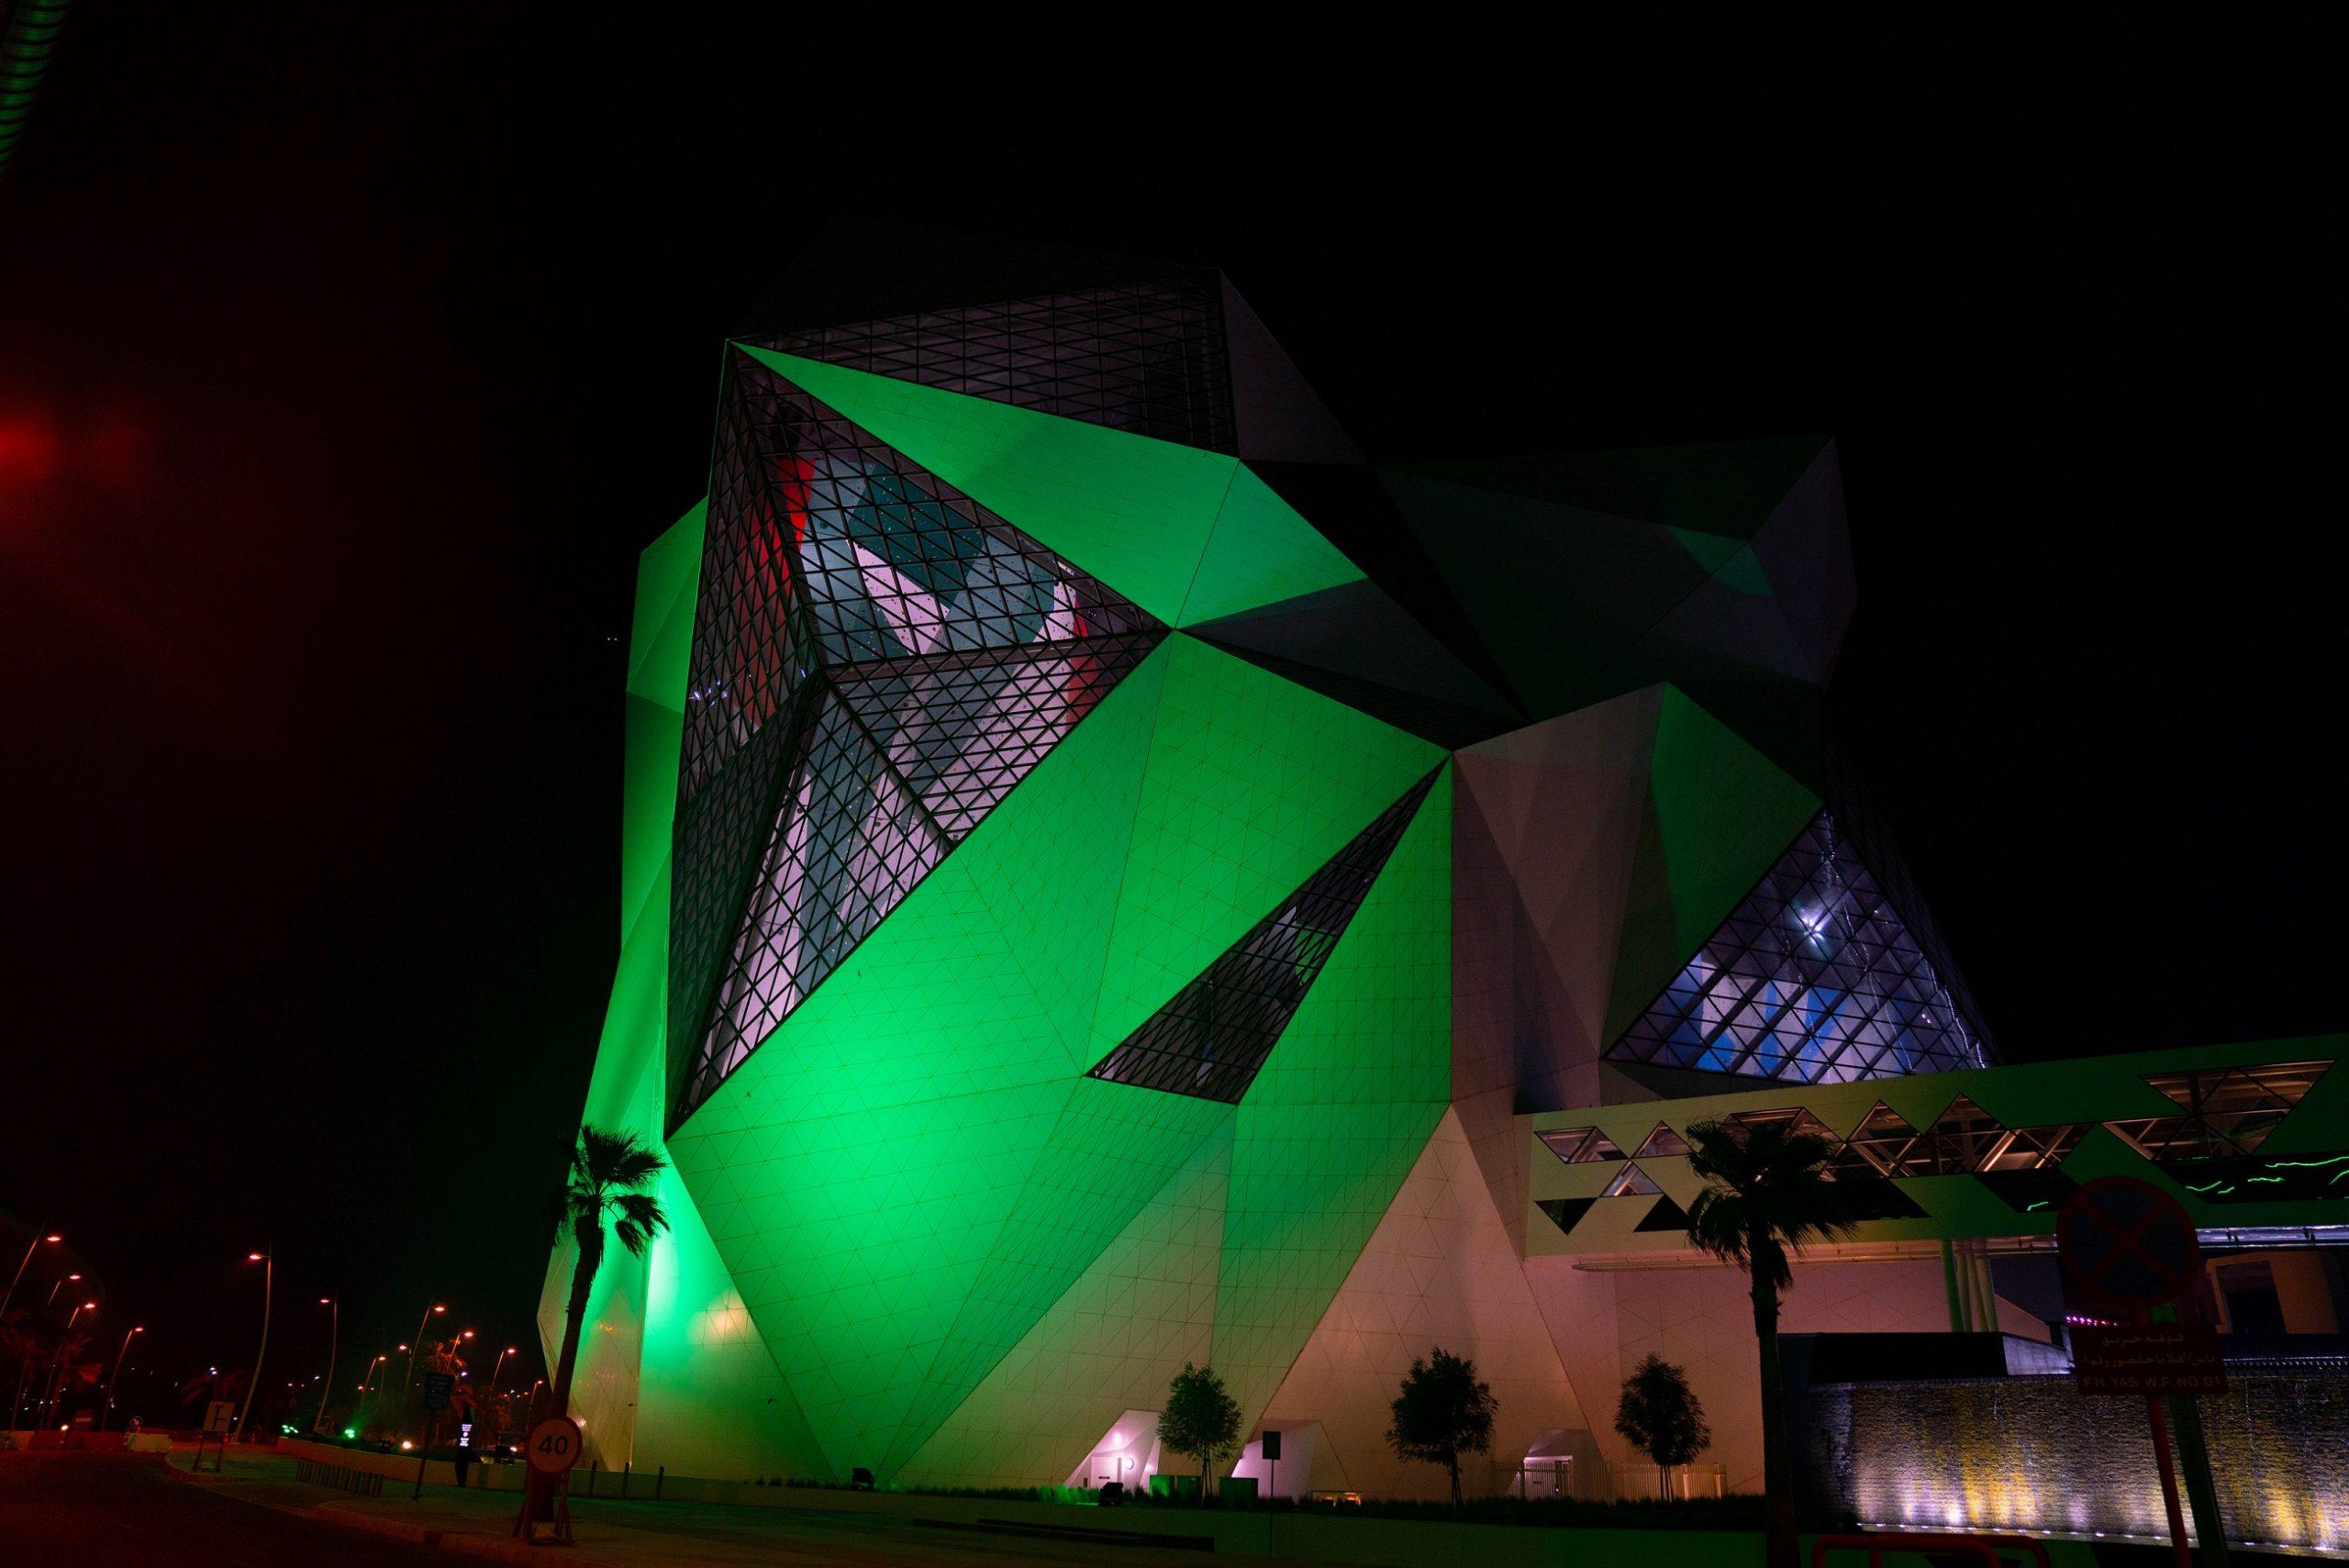 كلايم أبوظبي يضيء بألوان العلم السعودي